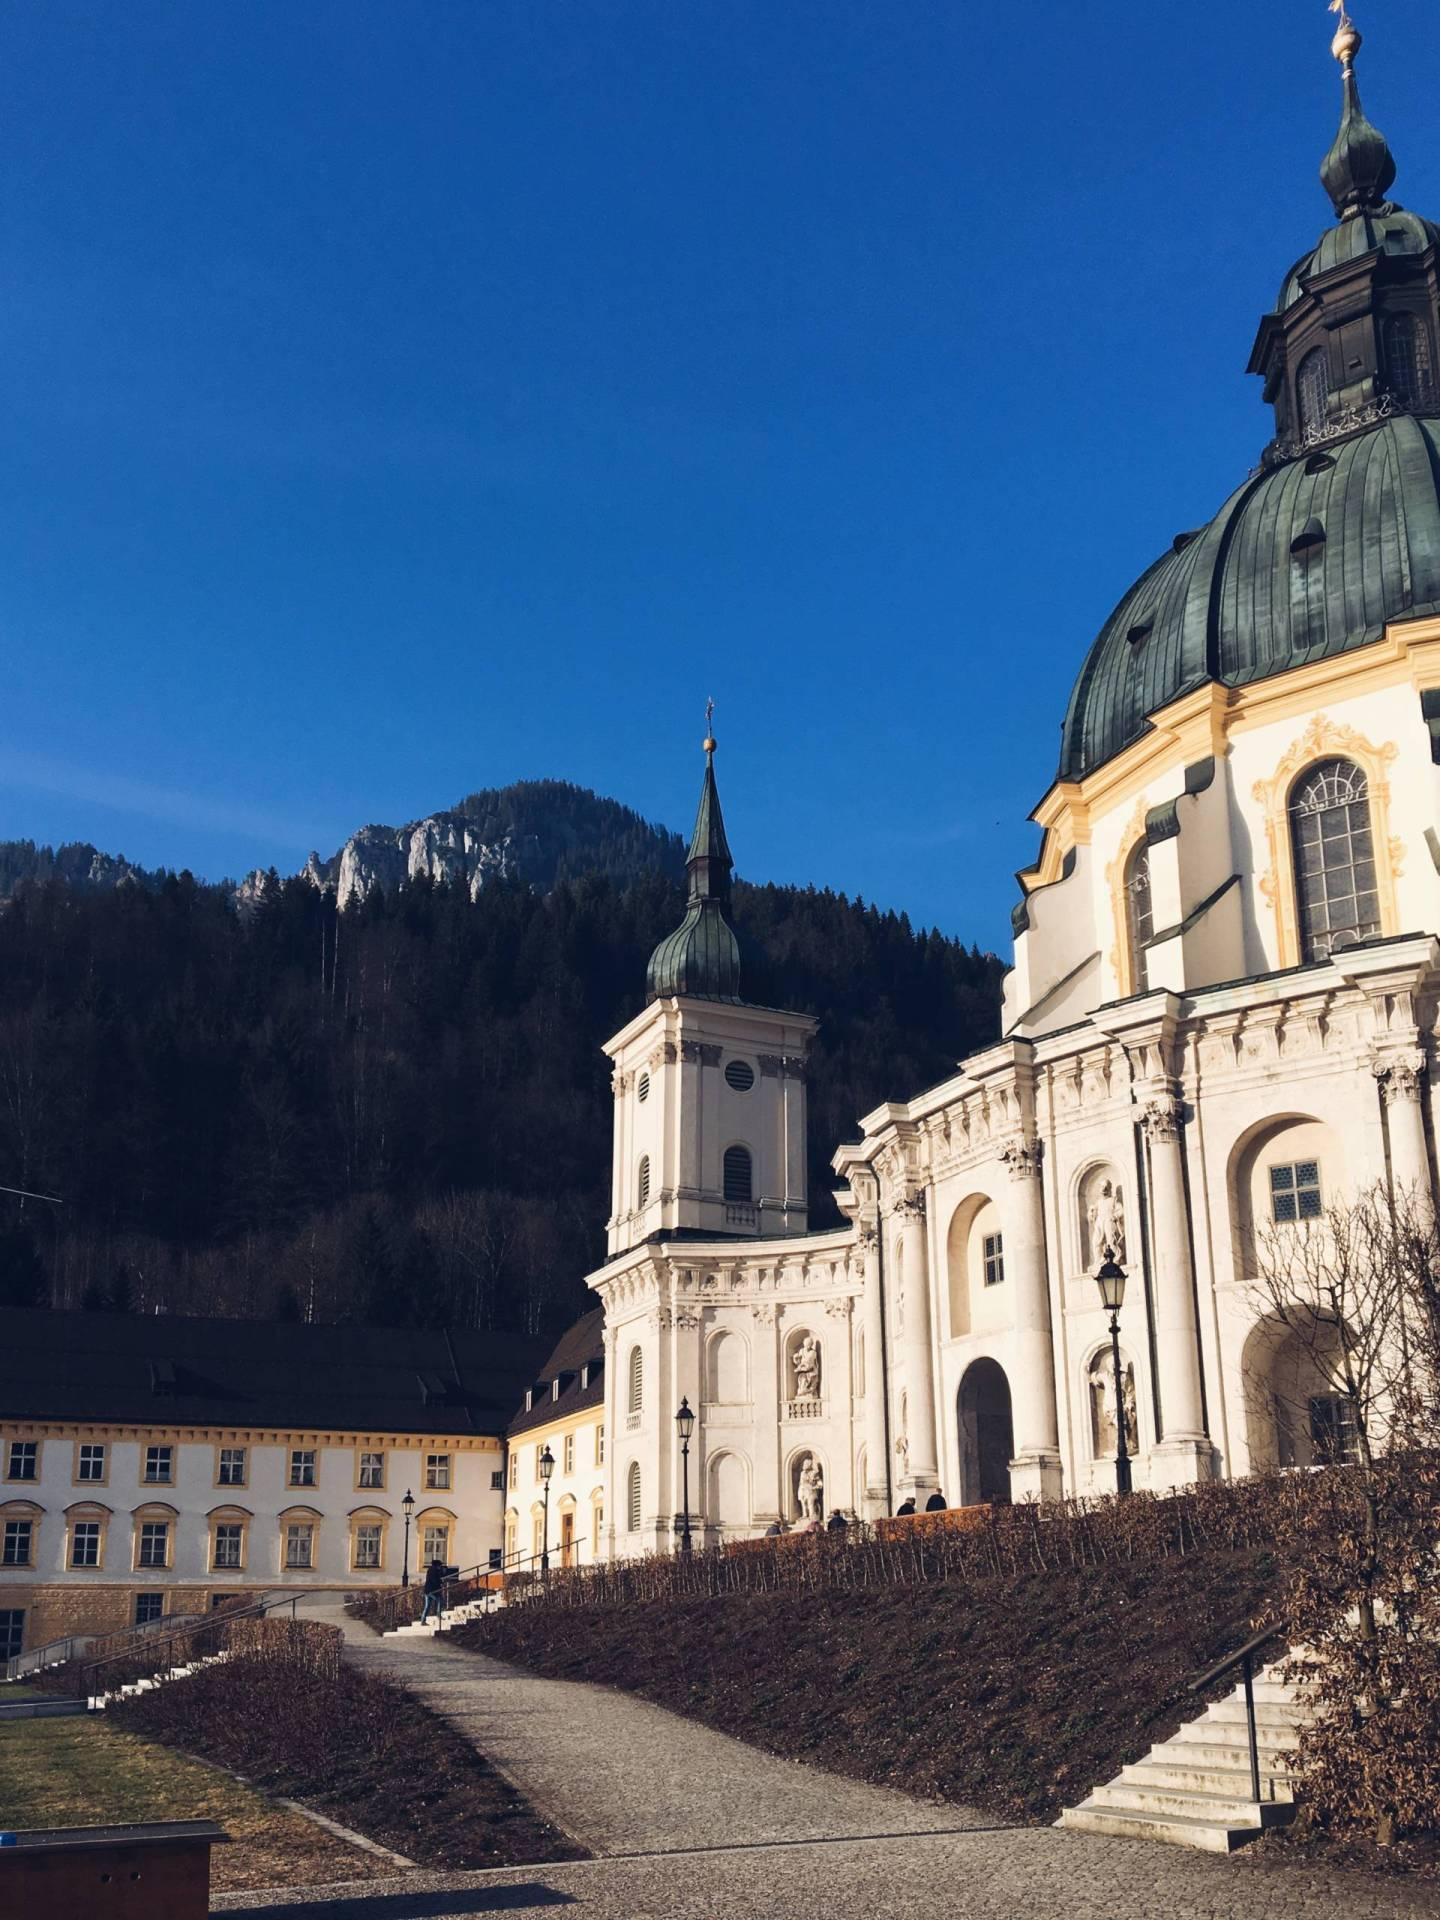 Ettal Abbey Germany